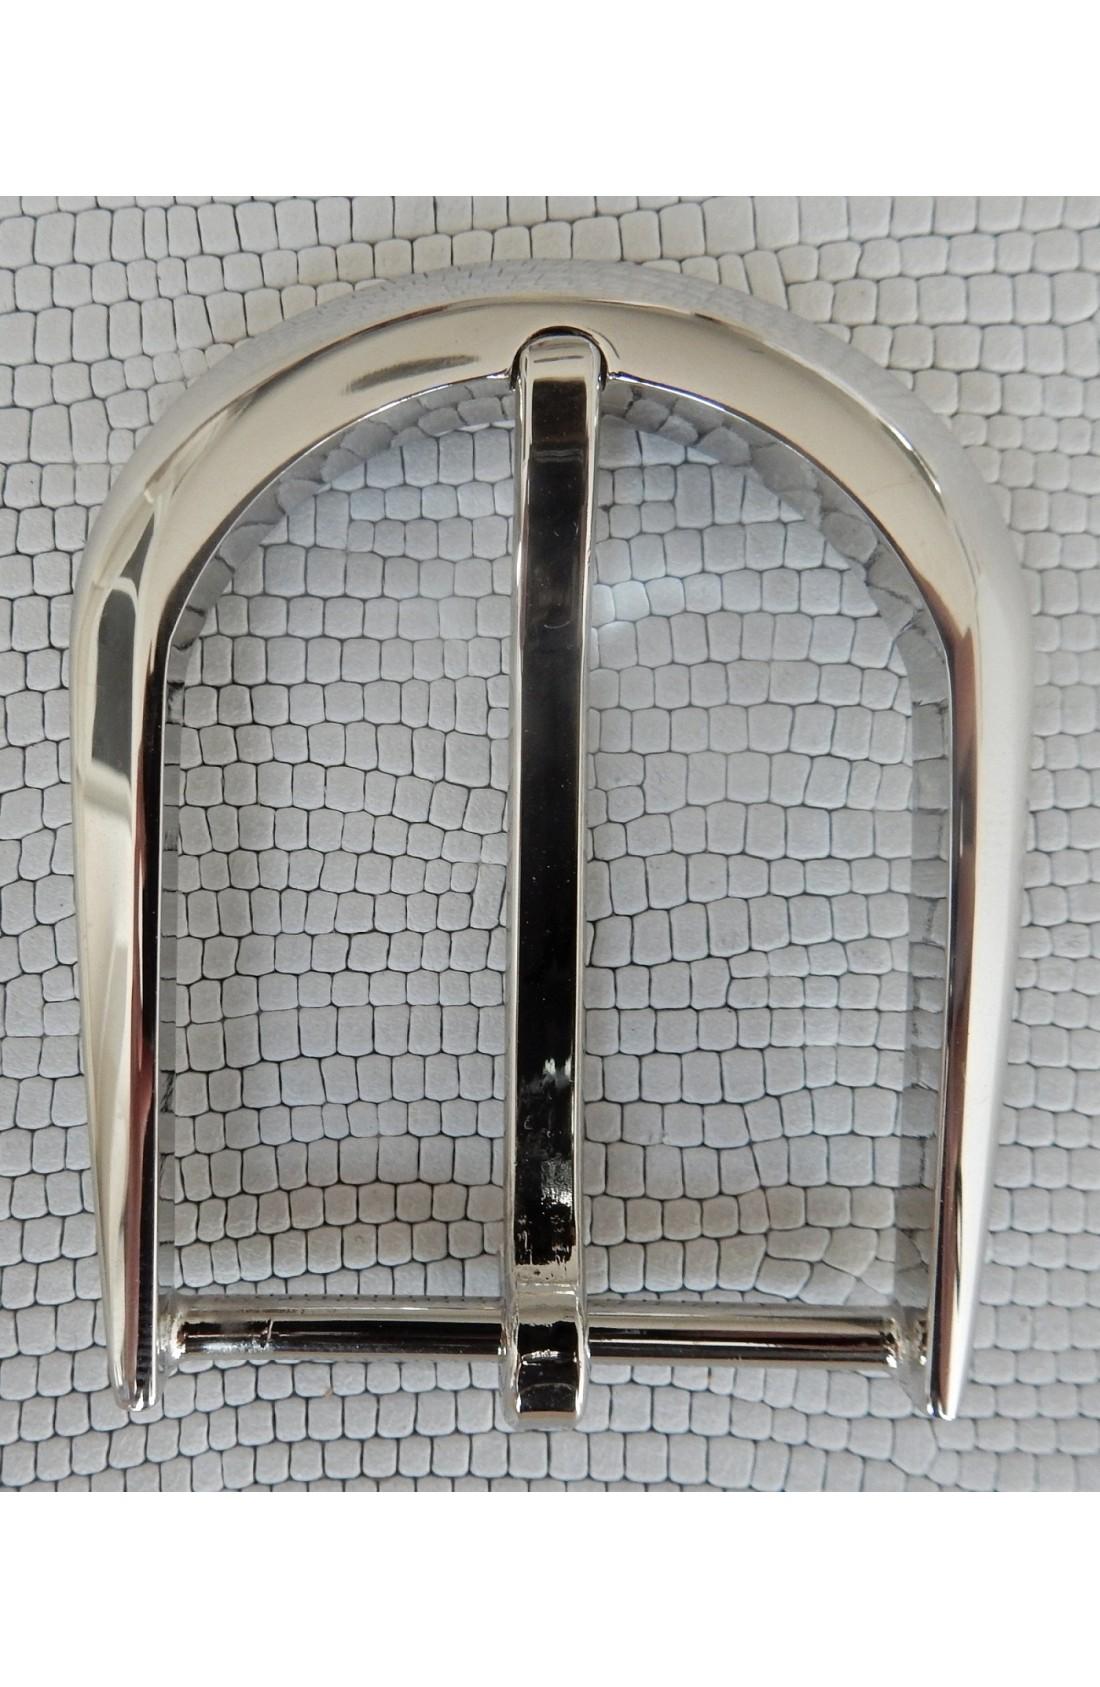 Fibbia Standard N 22 mm.35 nikel free (1)